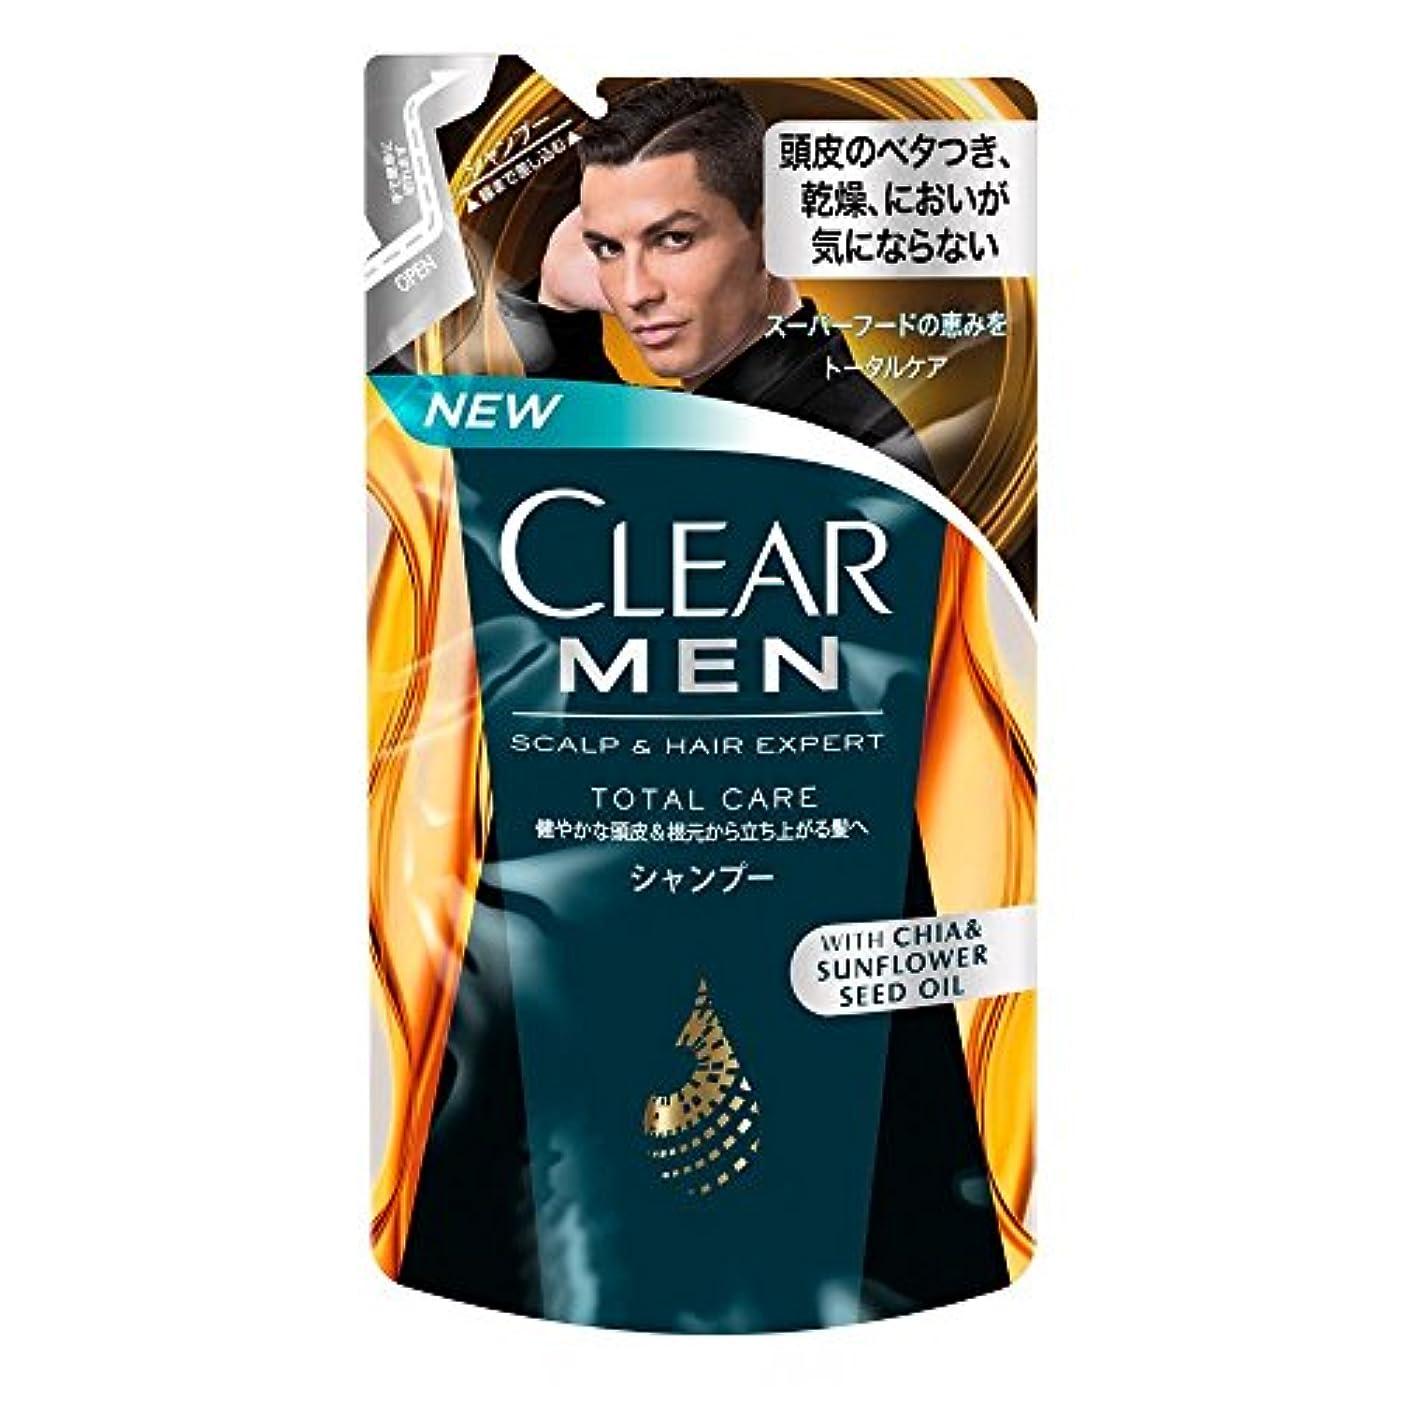 耐えるあさり乱用クリア フォーメン トータルケア 男性用シャンプー つめかえ用 (健やかな頭皮へ) 280g × 3個